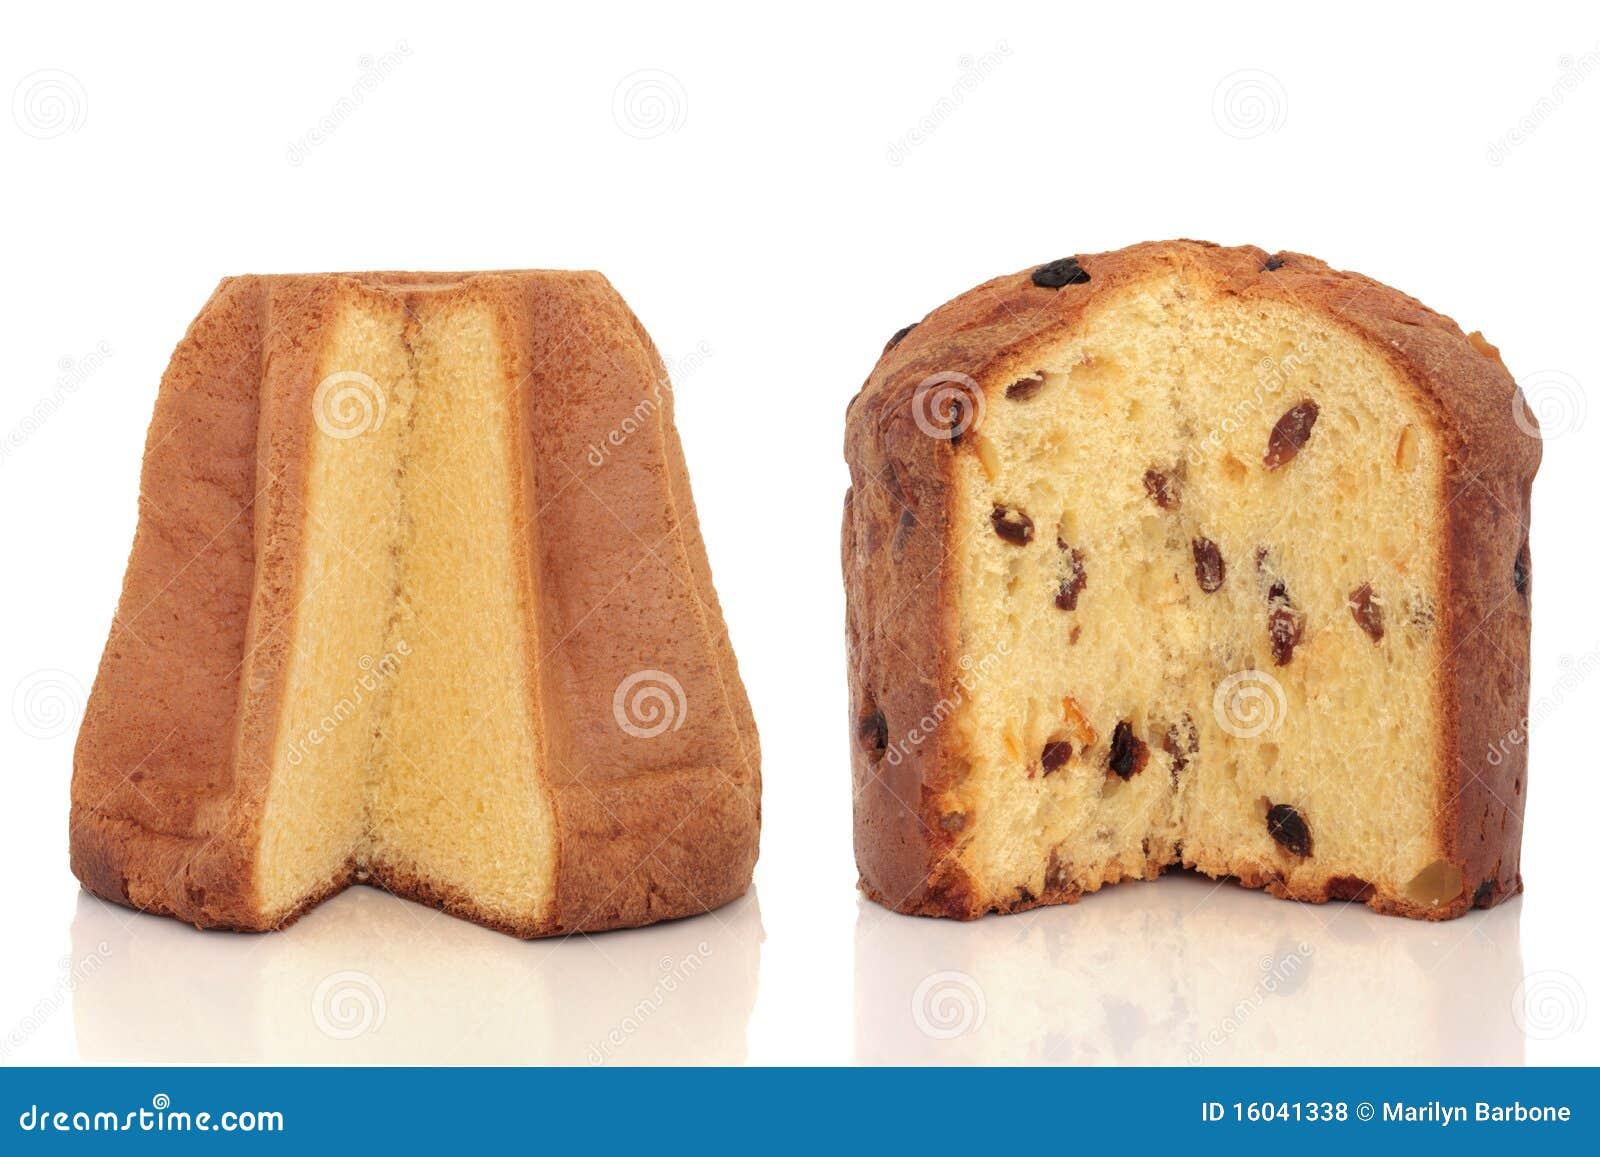 Pandoro Und Panettone Kuchen Stockfoto Bild Von Gebacken Frisch